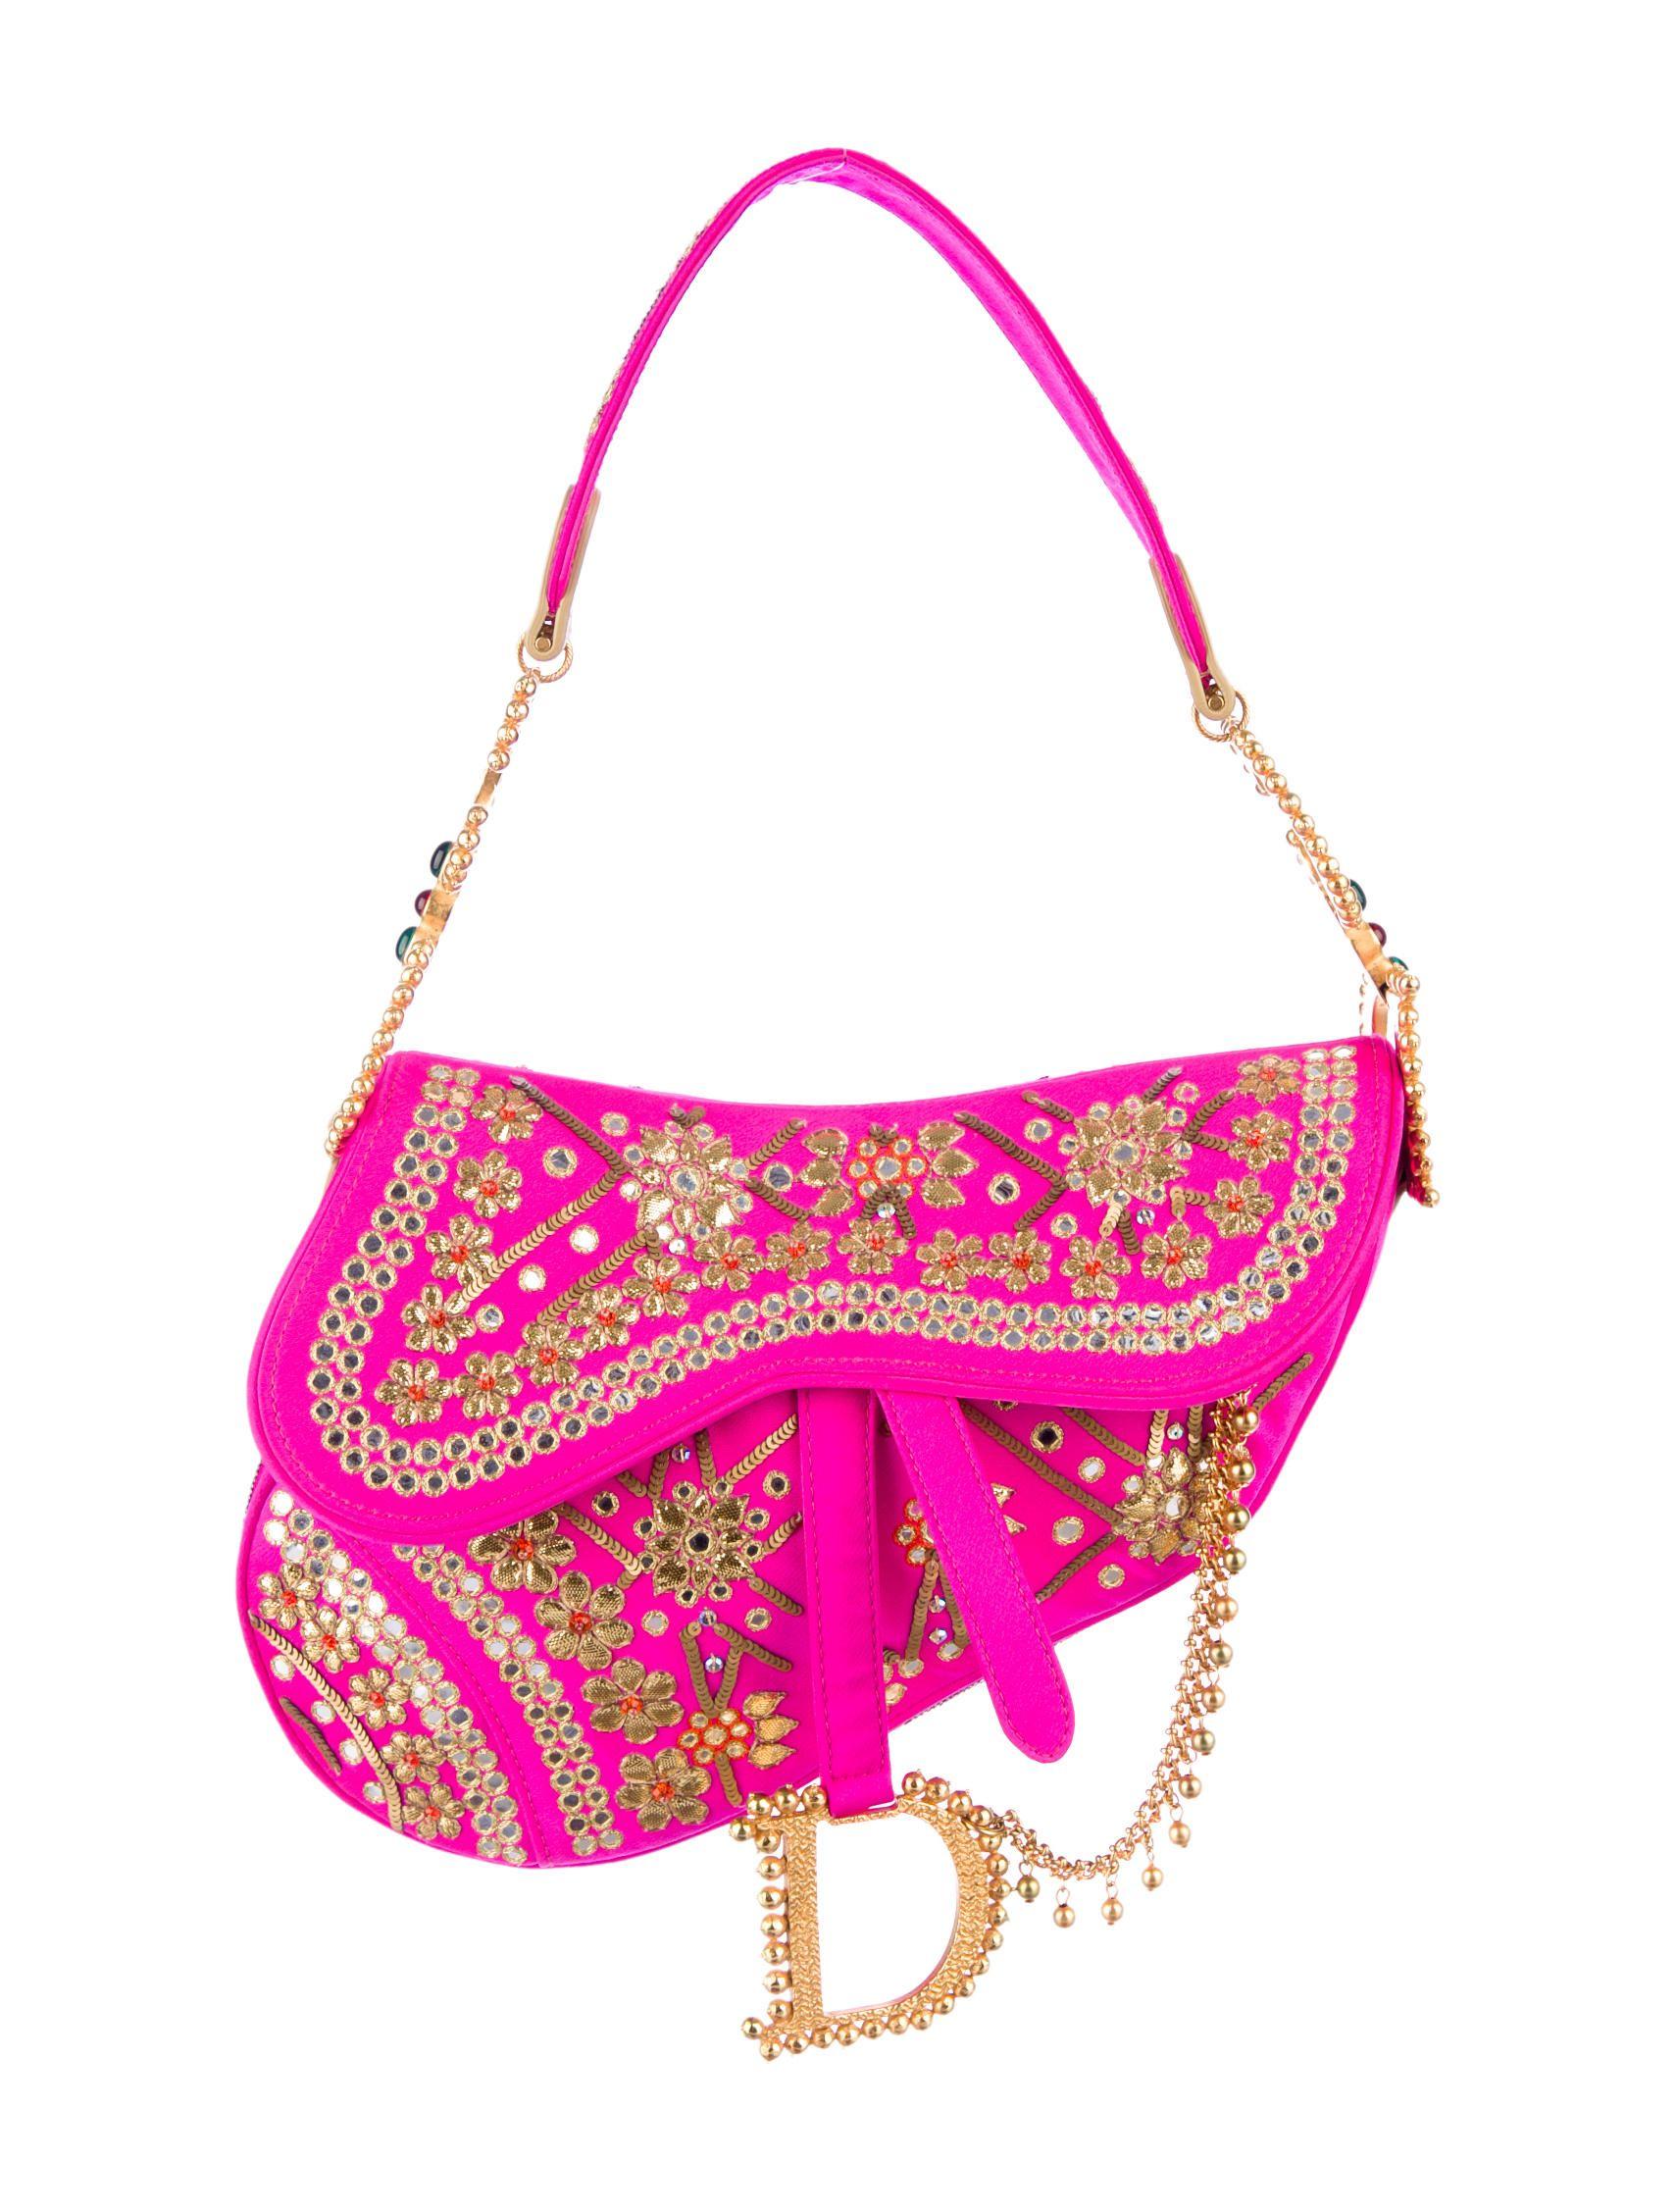 Saddle bag da Dior, bordada na India / Reprodução